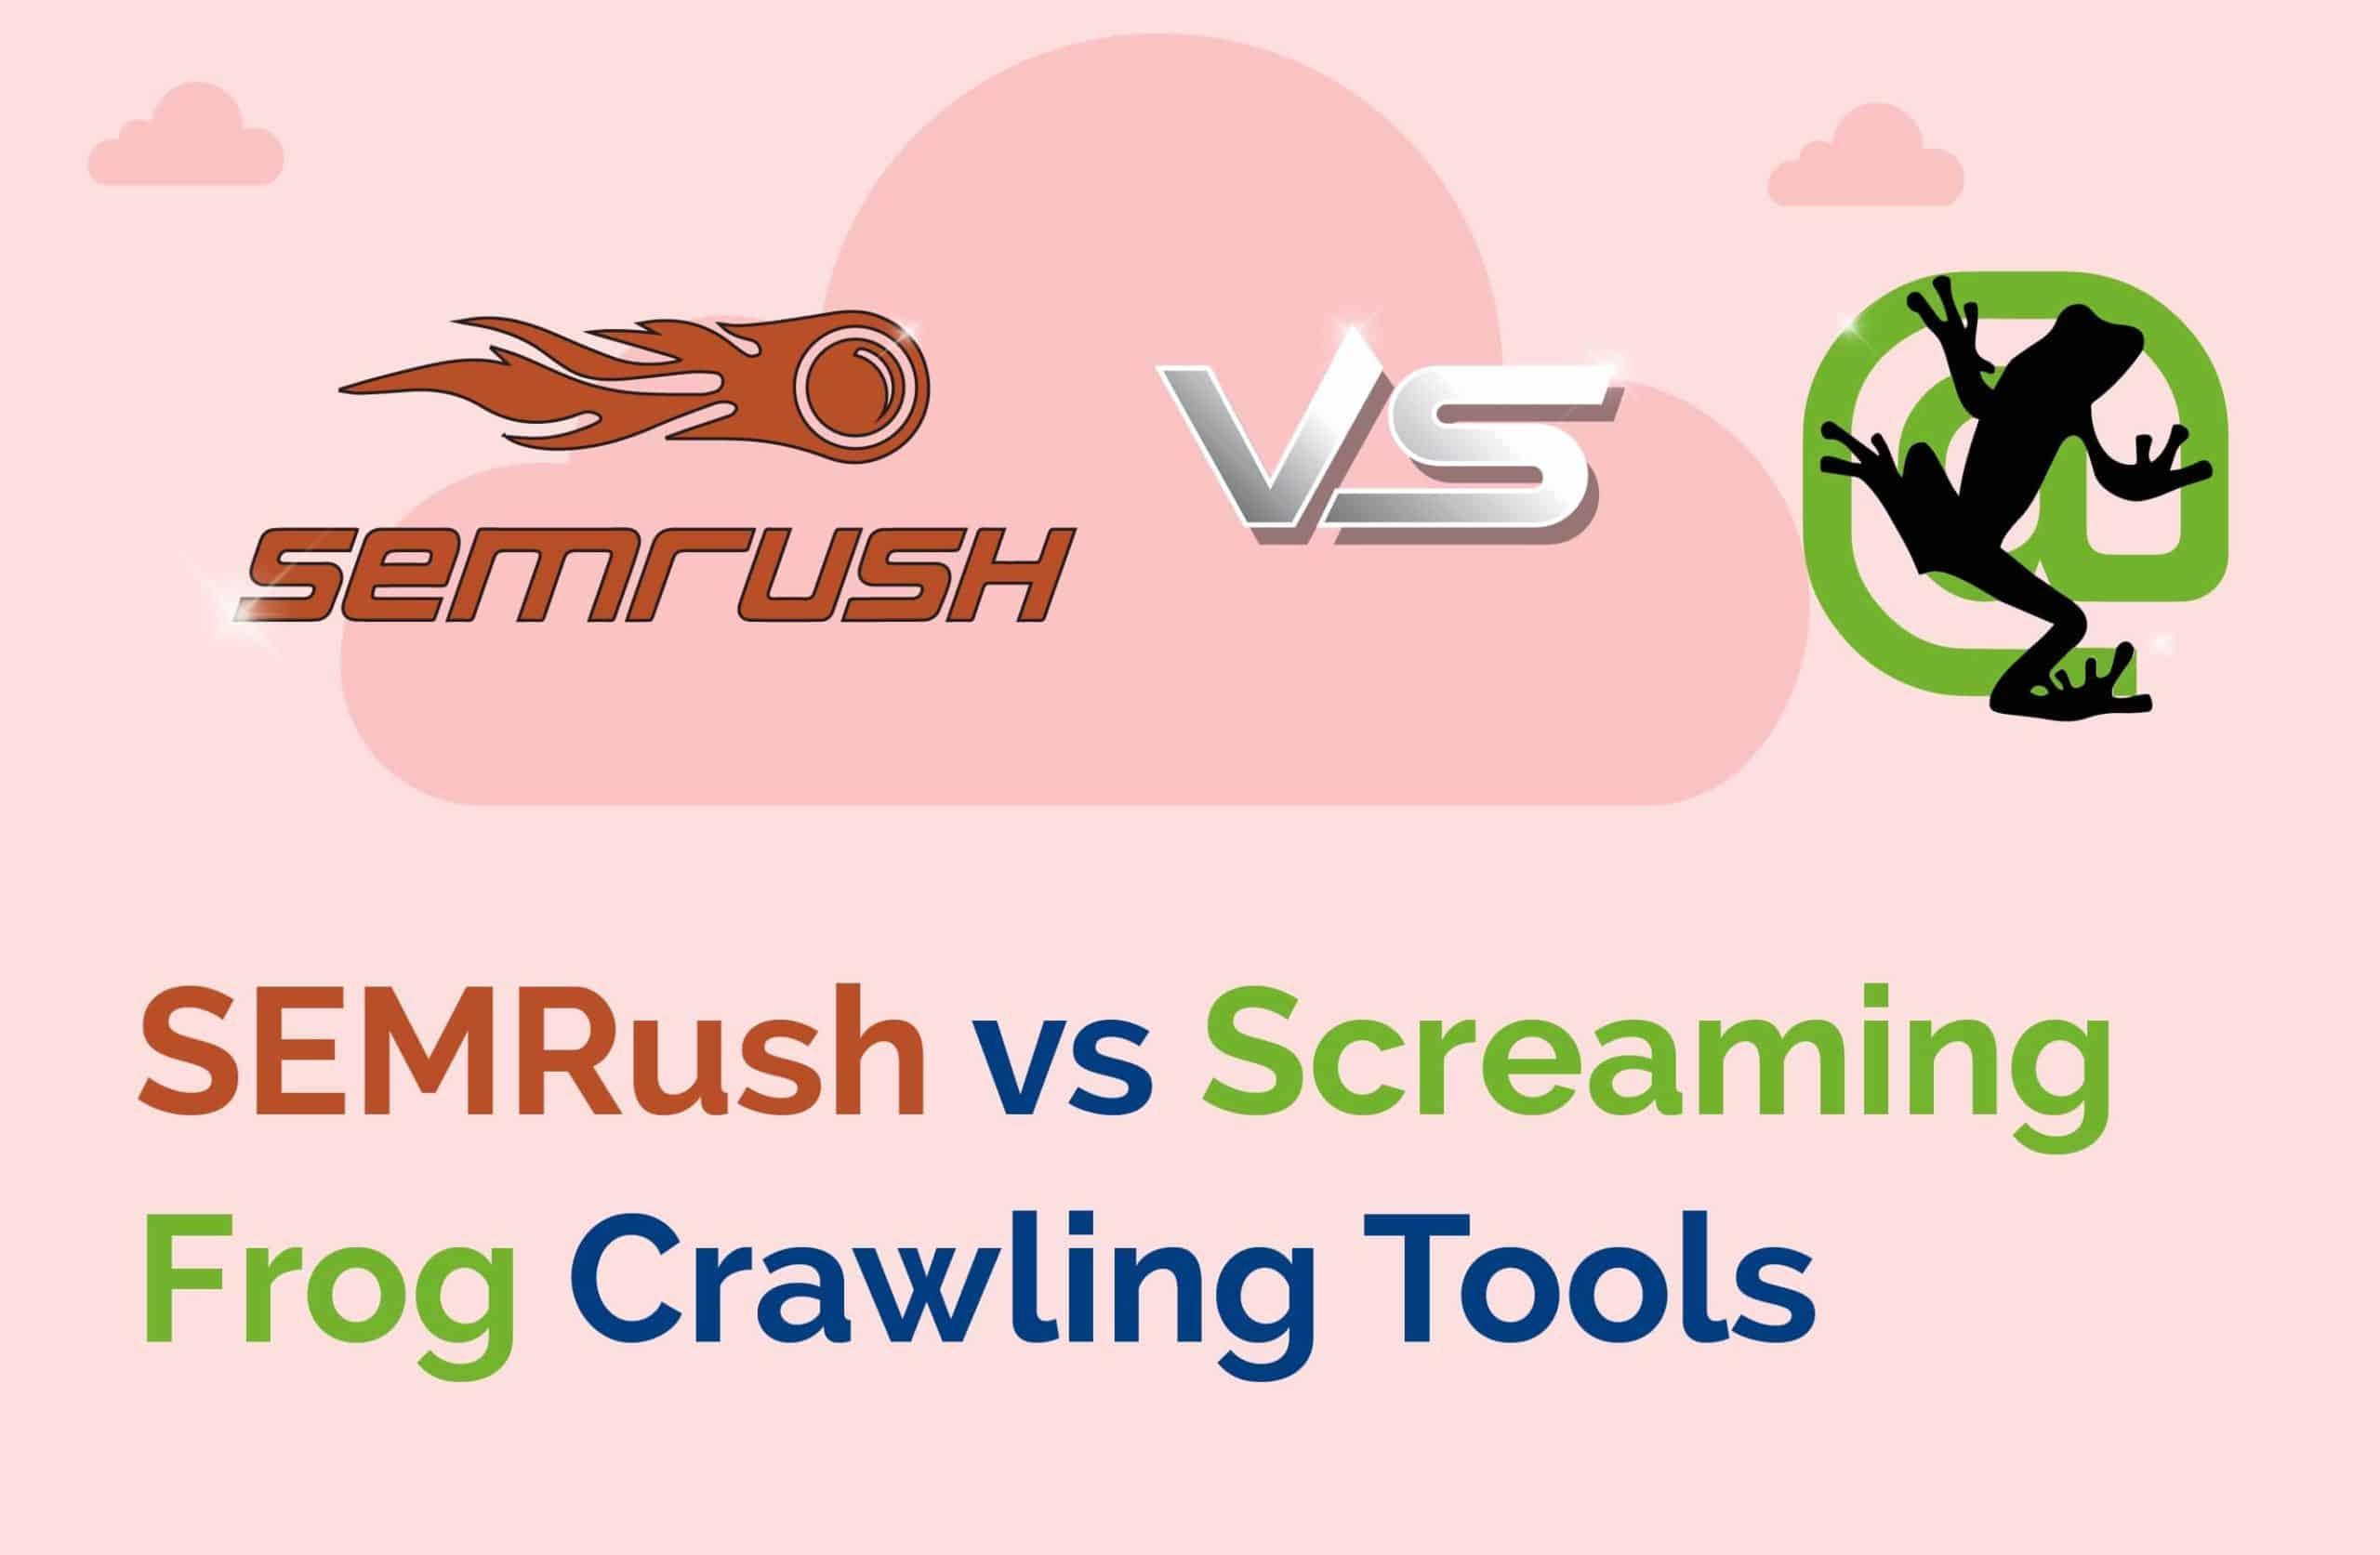 Semrush Vs Screaming Frog Crawling Tools